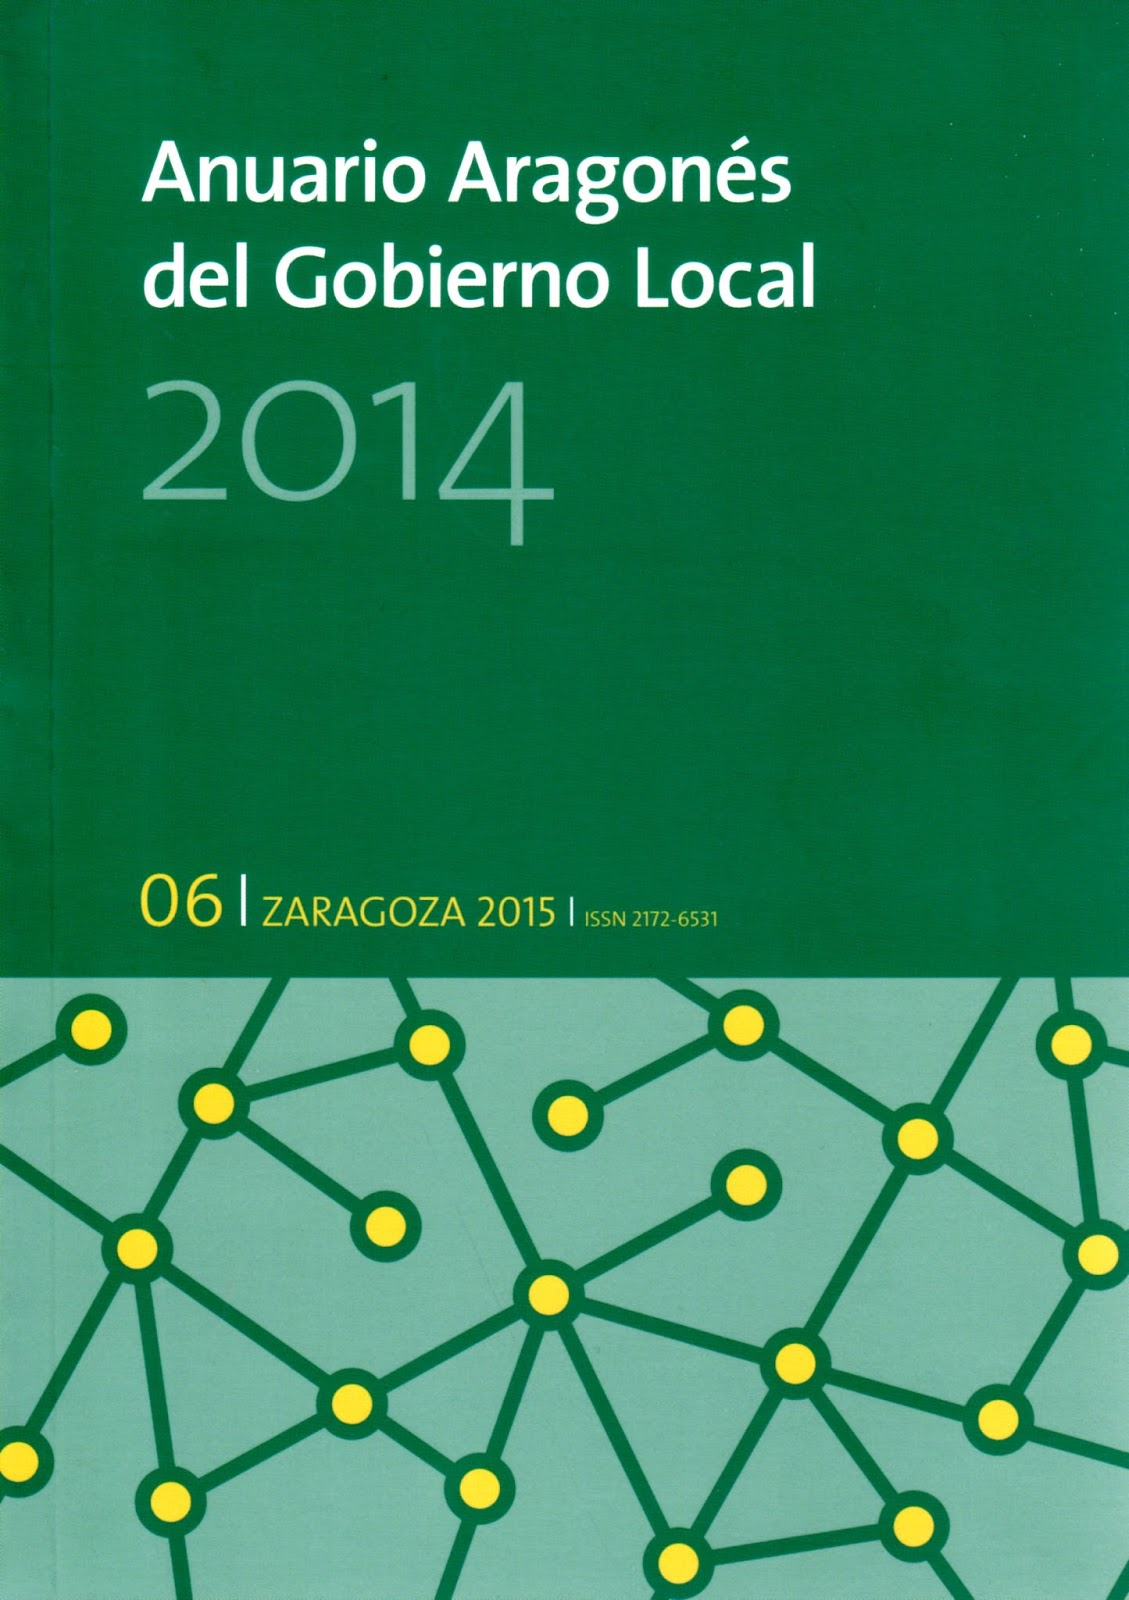 Centro de Estudios Borjanos: Revistas recibidas 30